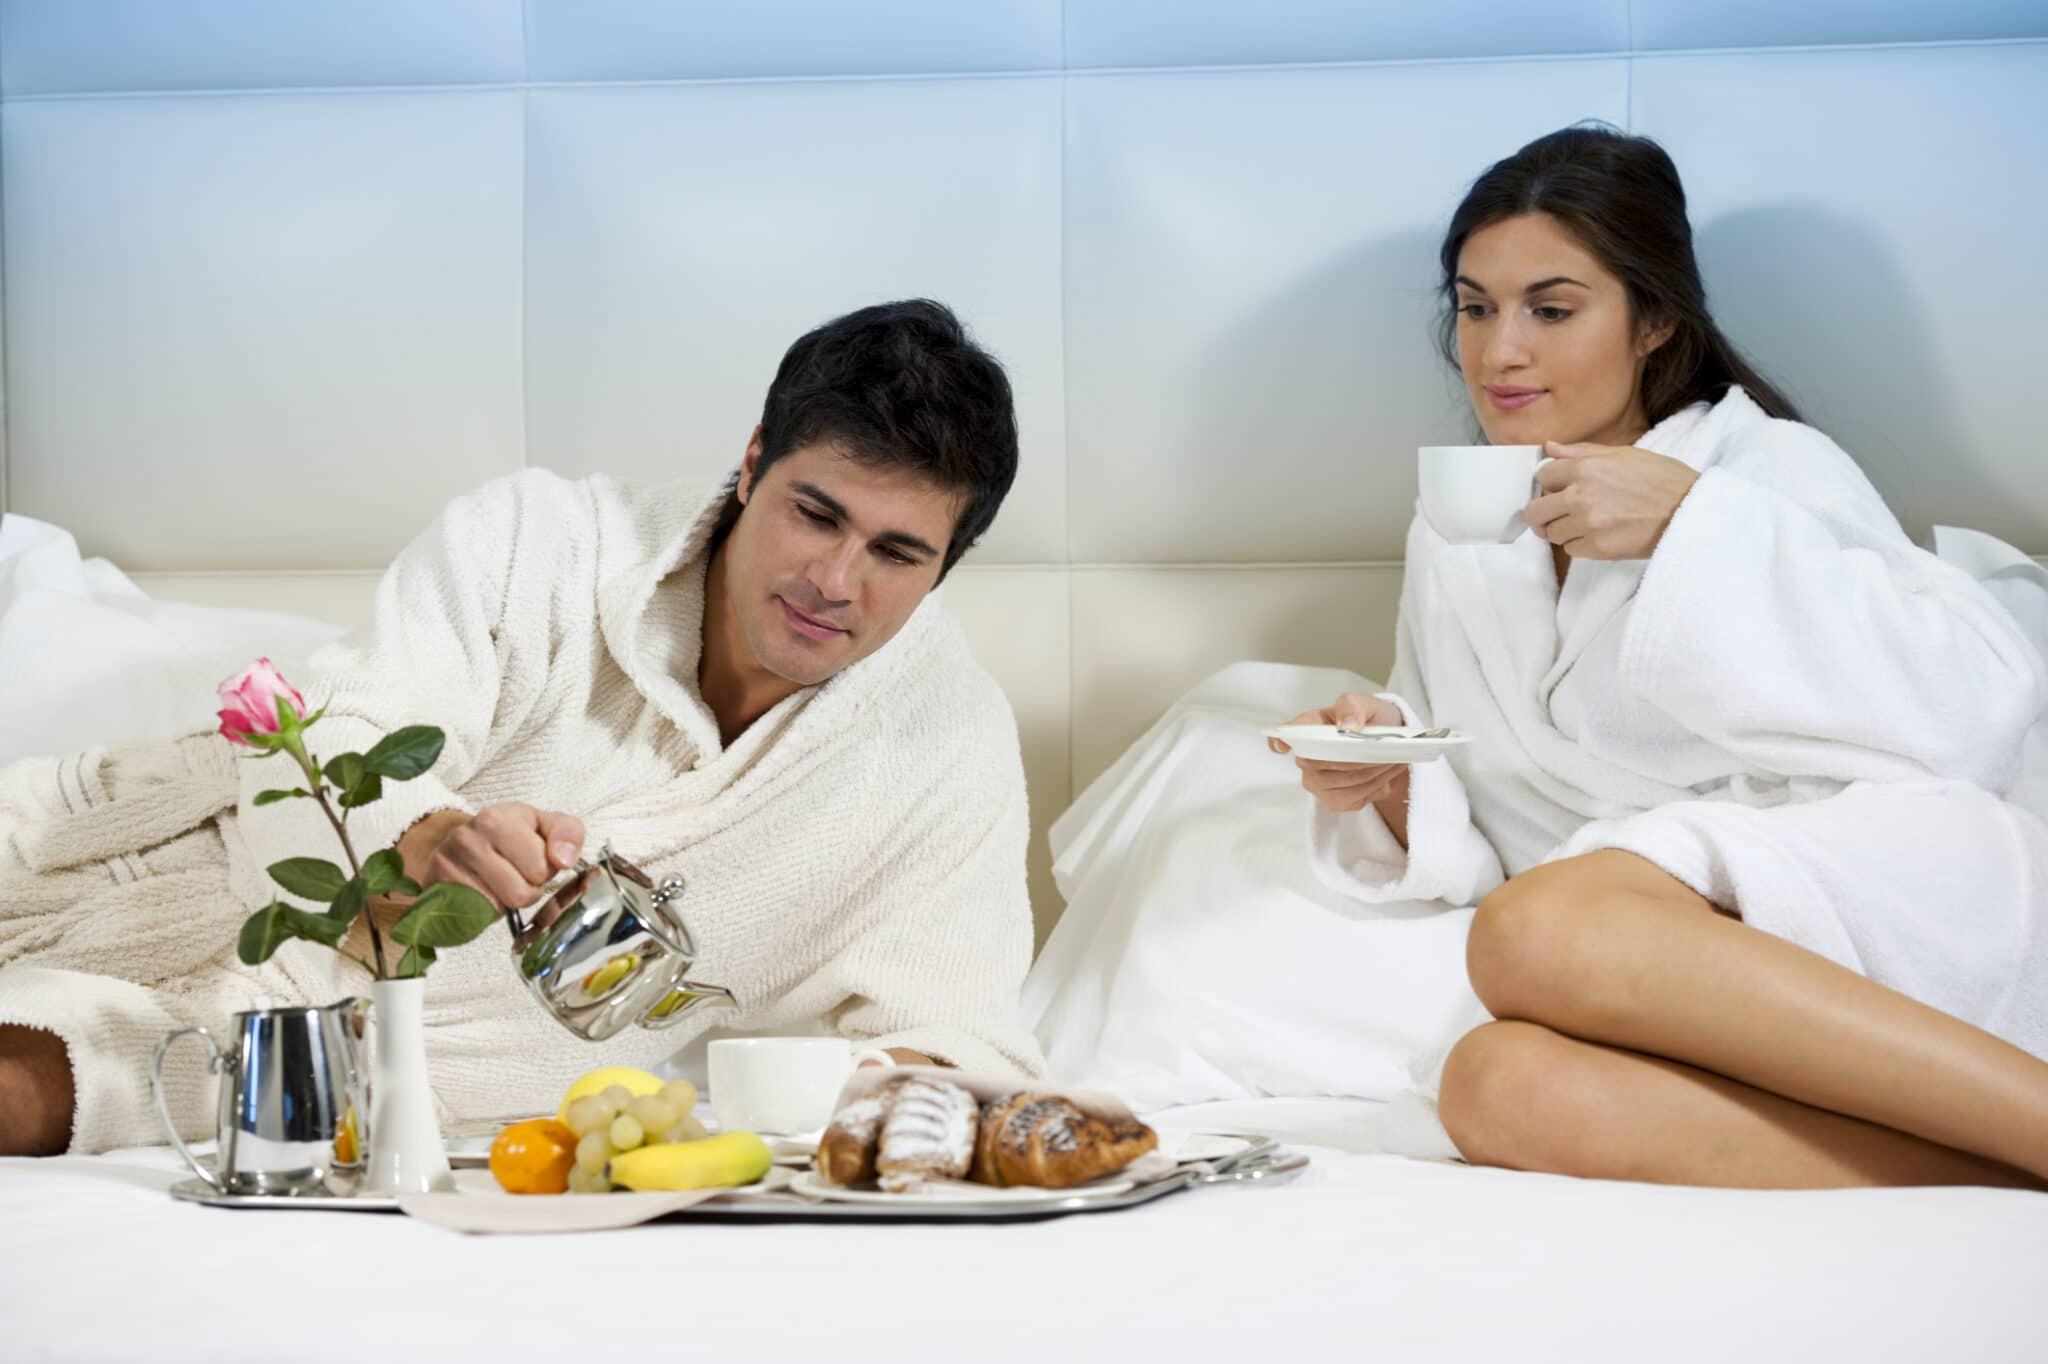 S. Valentino, rendere felice la propria compagna con piccoli gesti